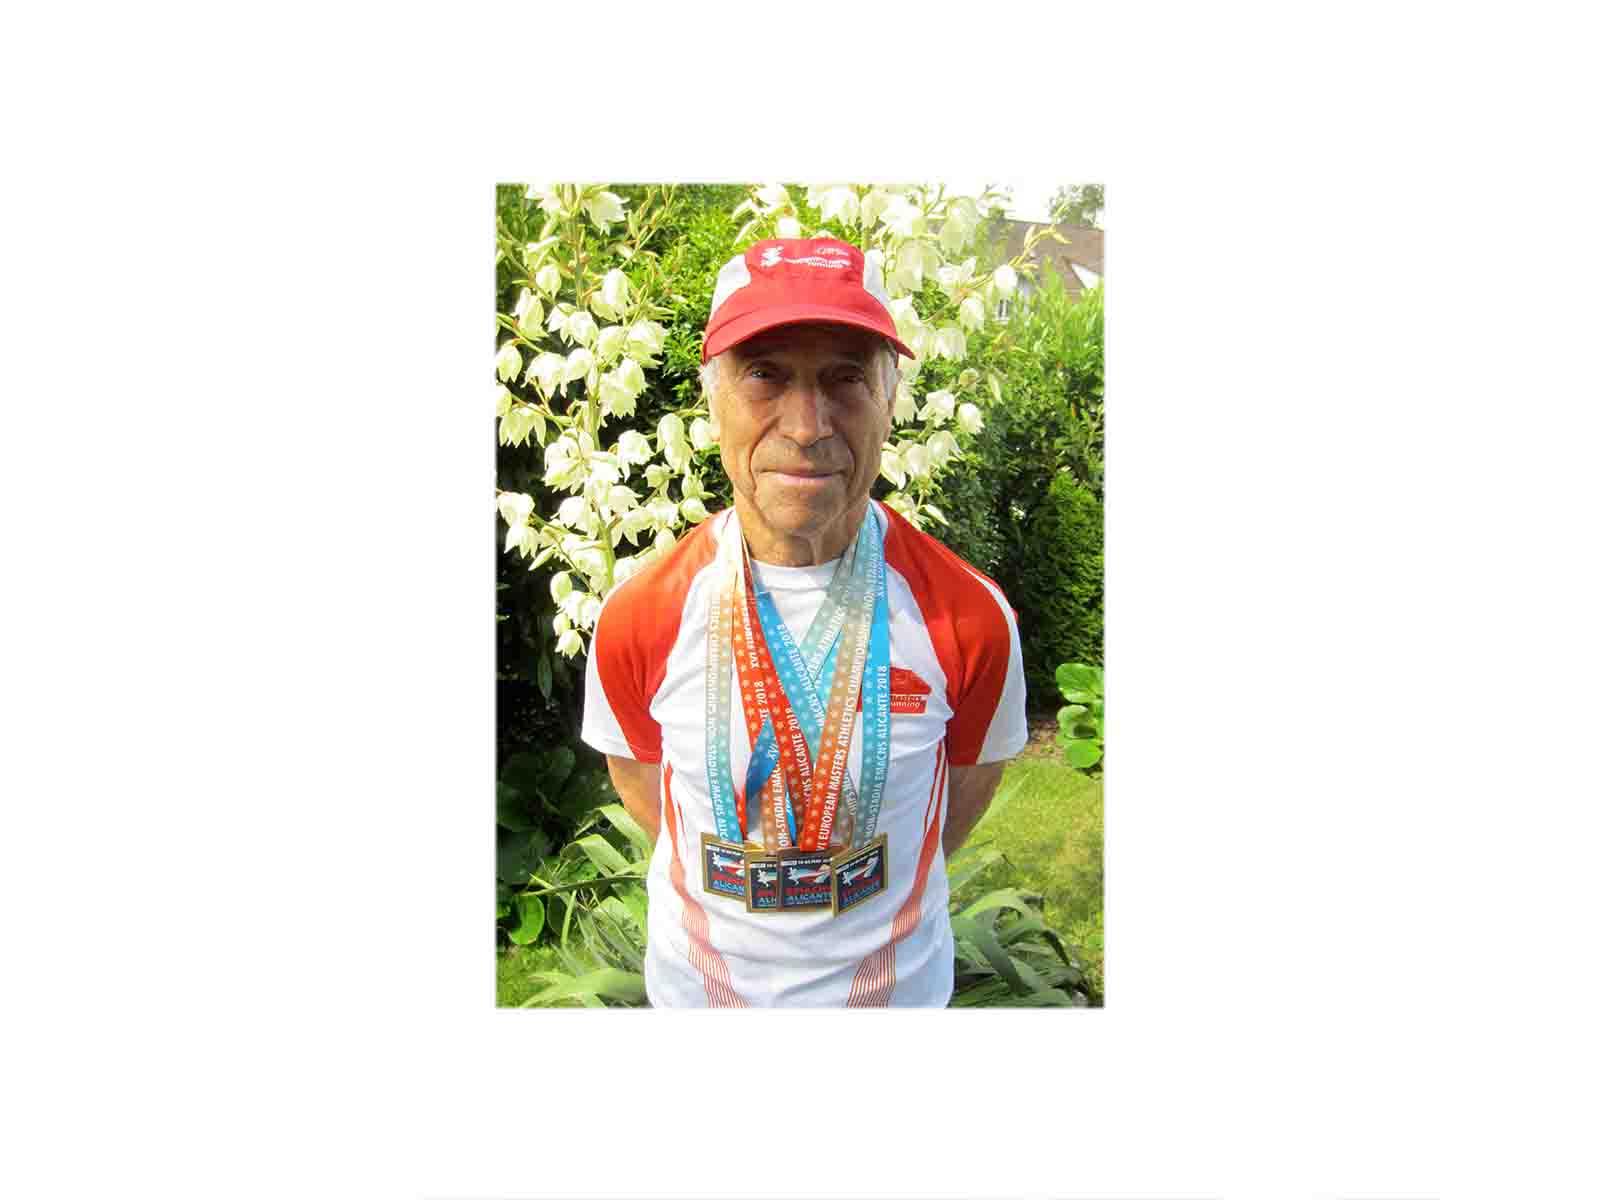 Gregorio Sablone mit seinen vier Medaillen, die er an der Master EM 2018 in Alicante gewonnen hat.